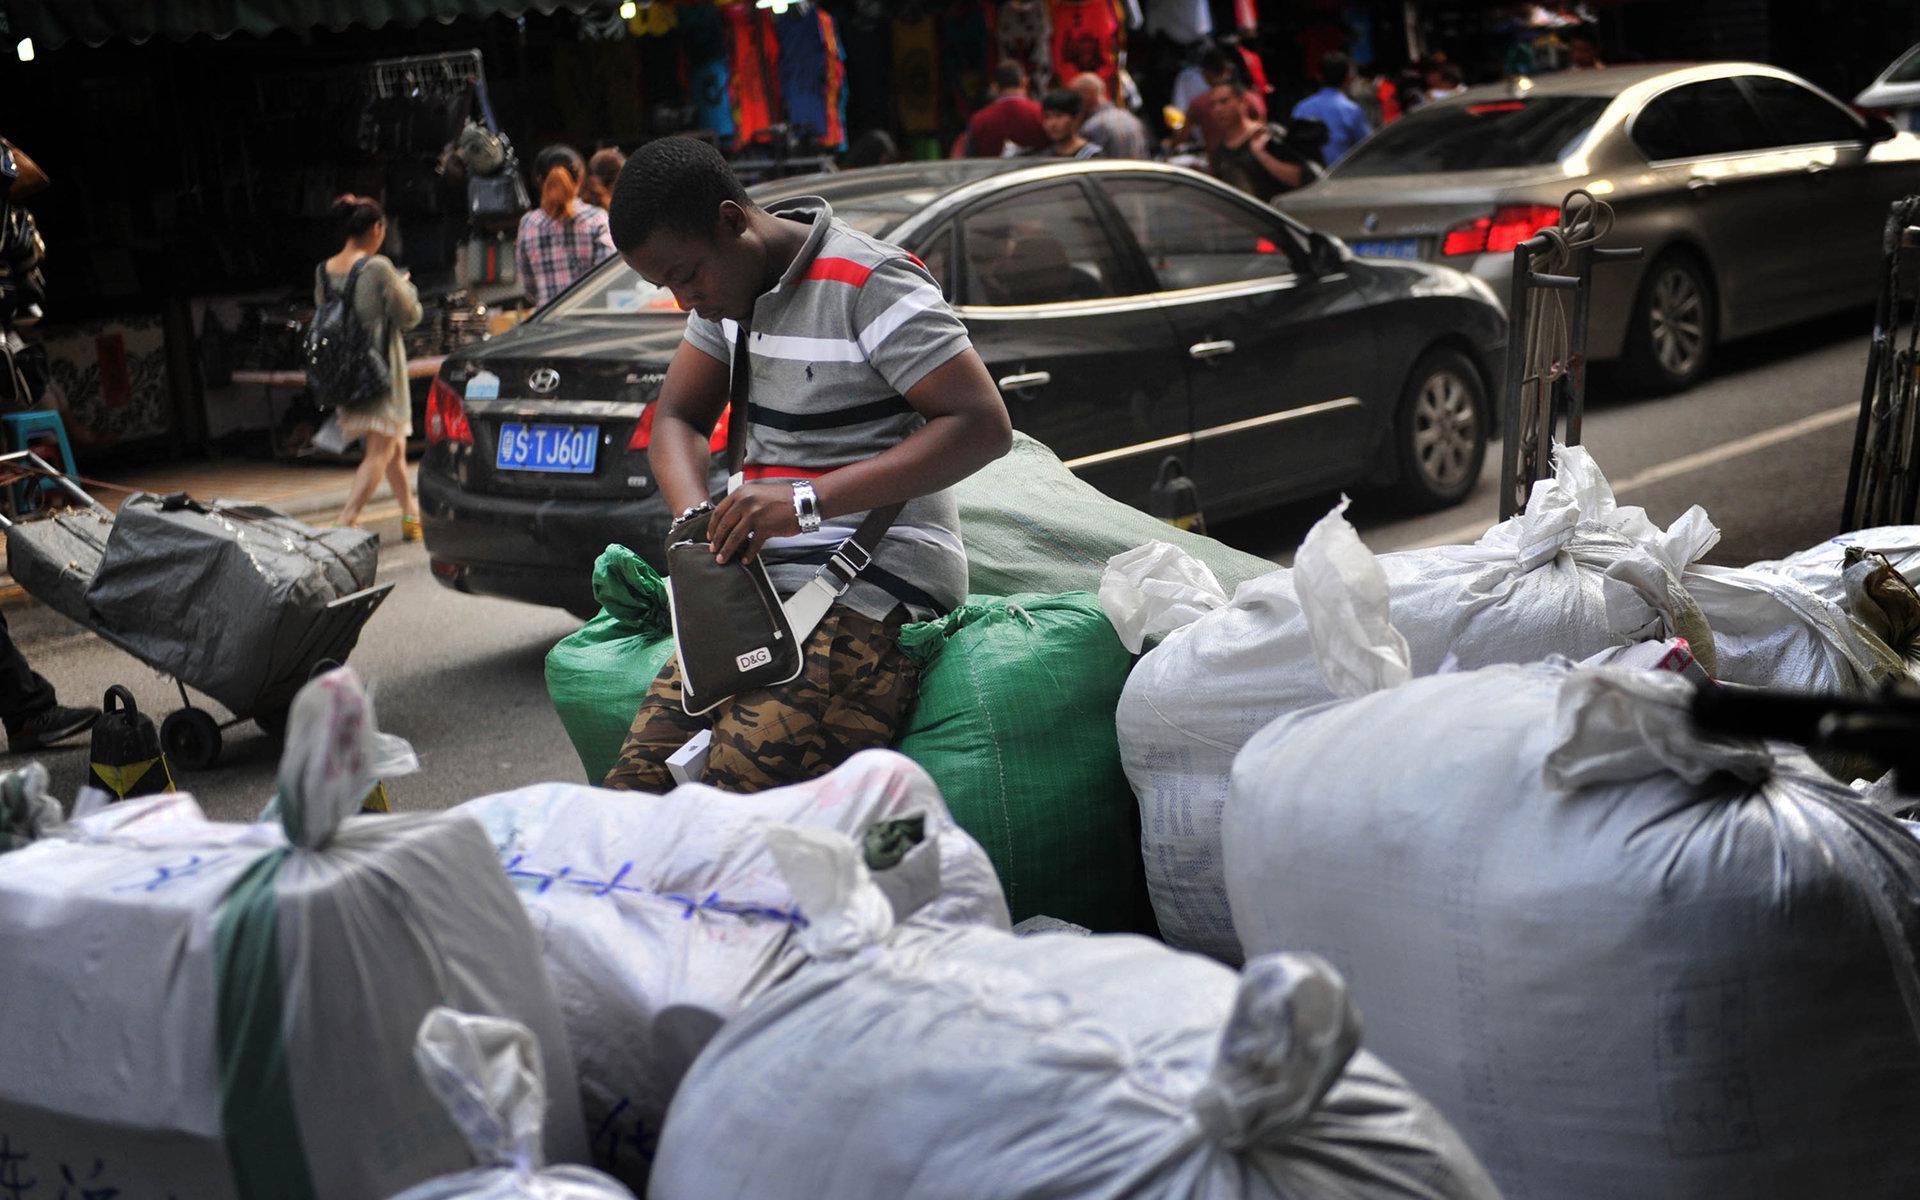 2014年4月3日,广州市一服装城旁一名拿到货的黑人男子在清点货品。/视觉中国